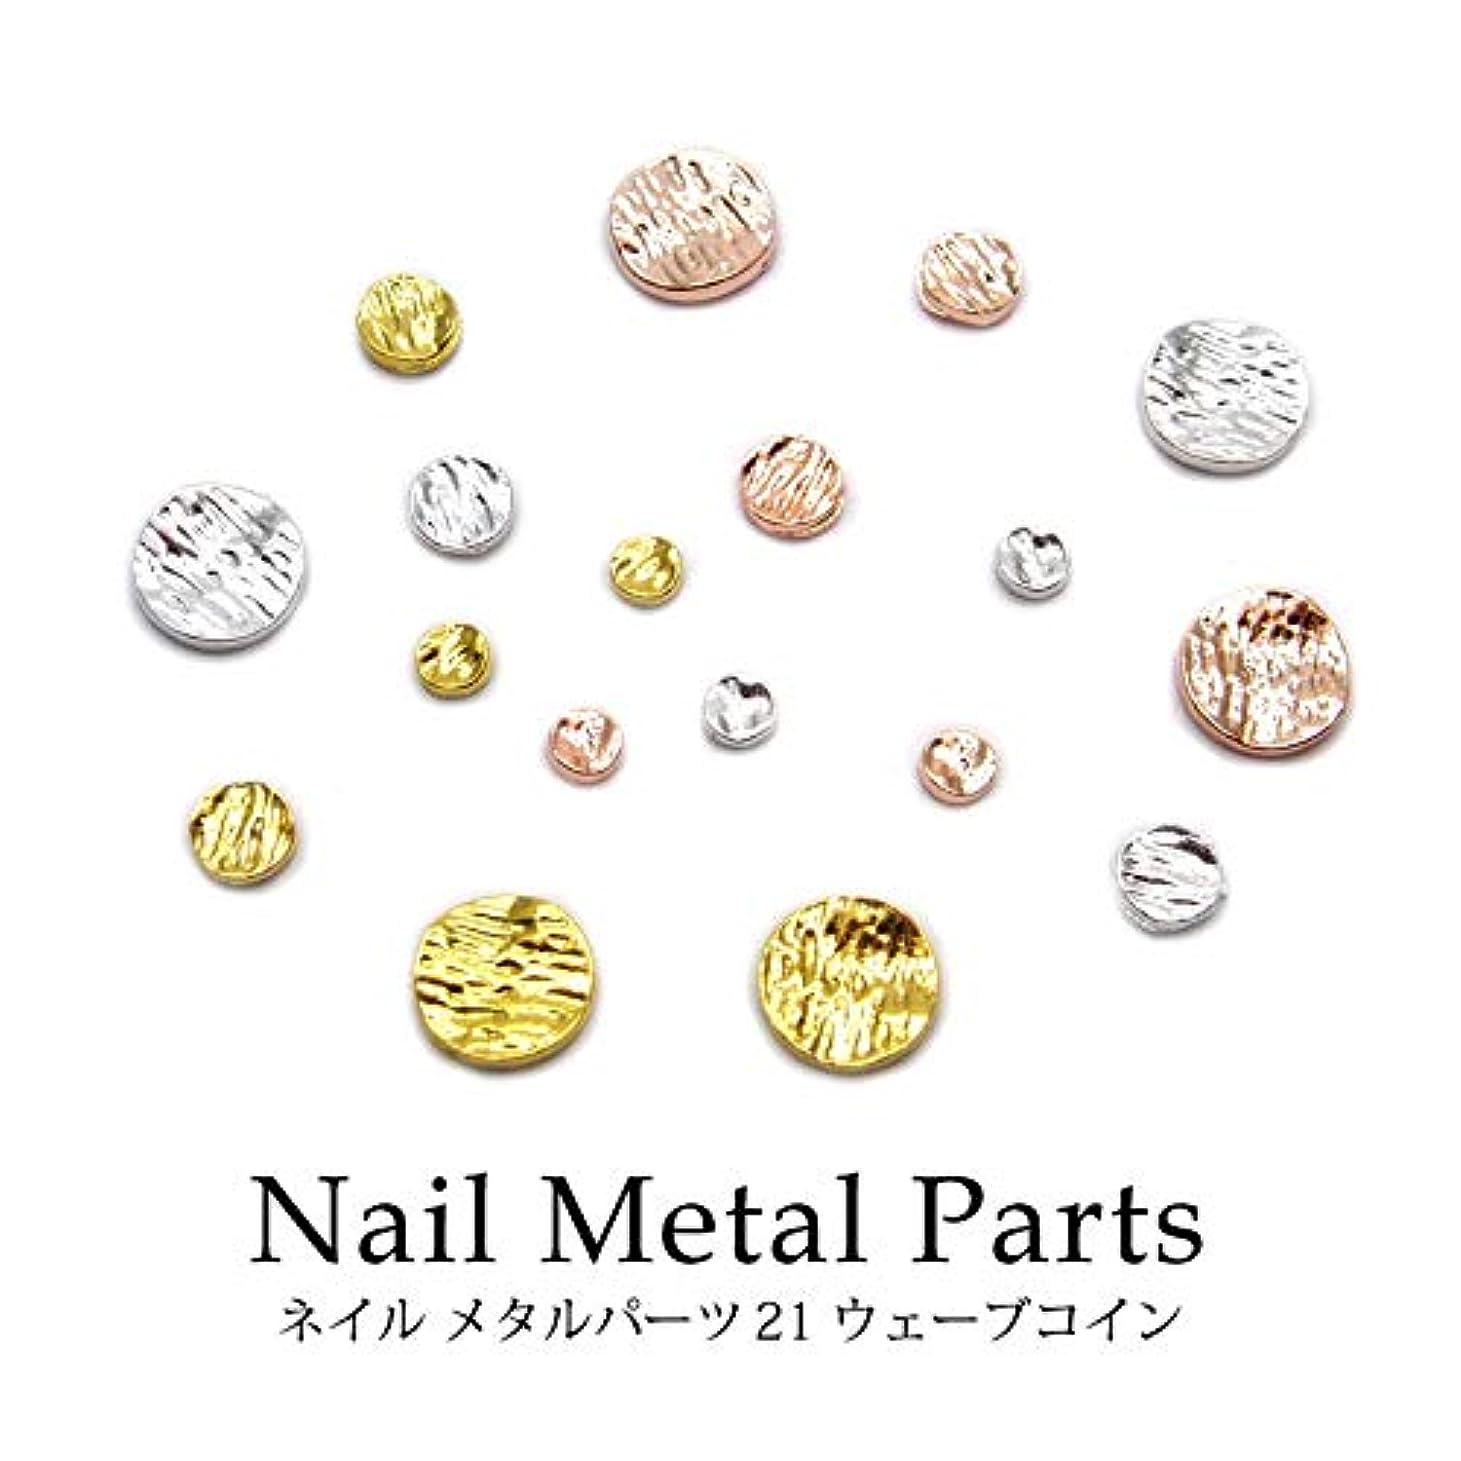 解放するマスタード乱闘ネイル メタルパーツ 21 ウェーブコイン 各種 5個入り (ピンクゴールド, 1.小(約3mm))